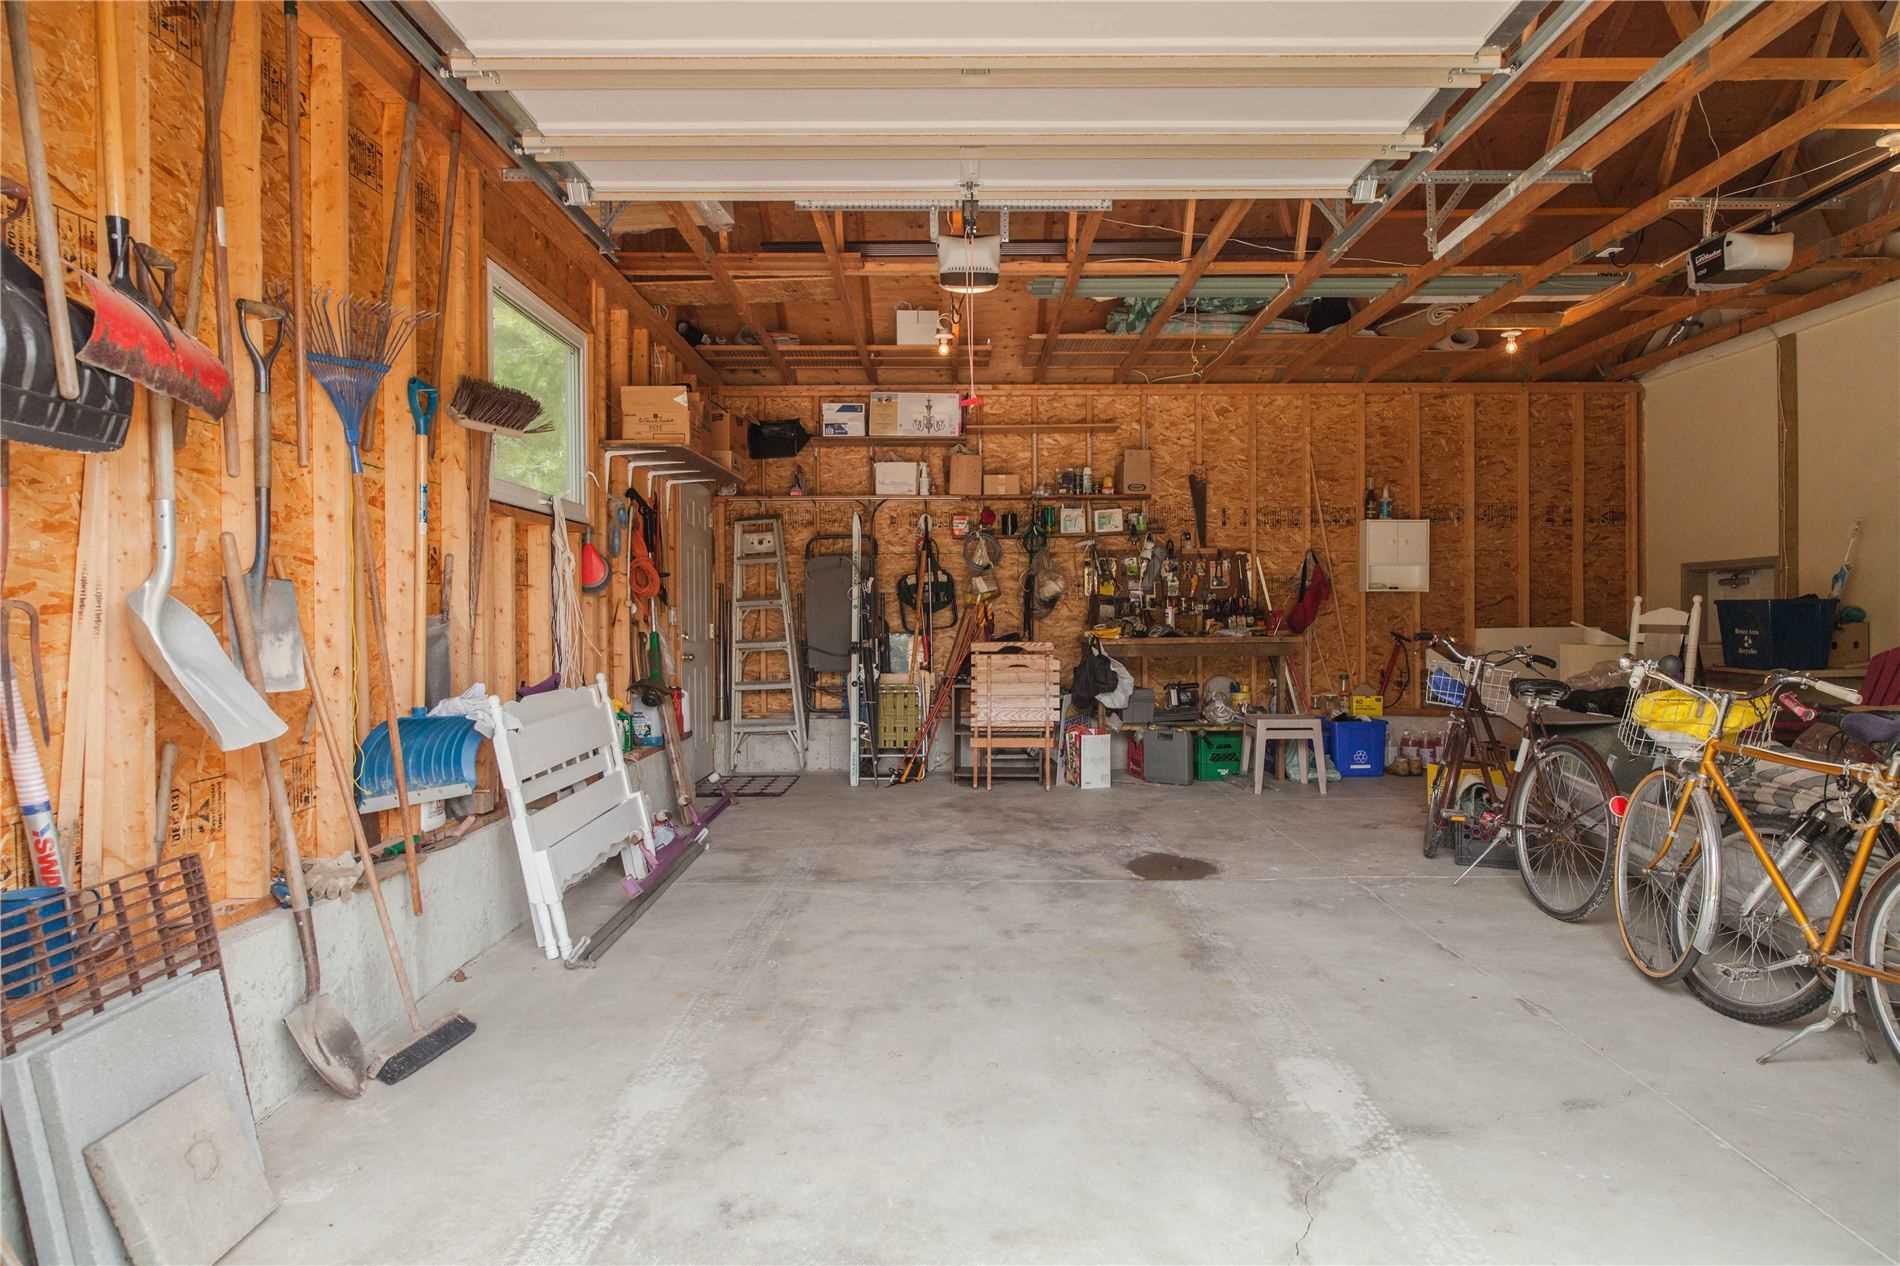 607 York Ave, South Bruce Peninsula X4687224